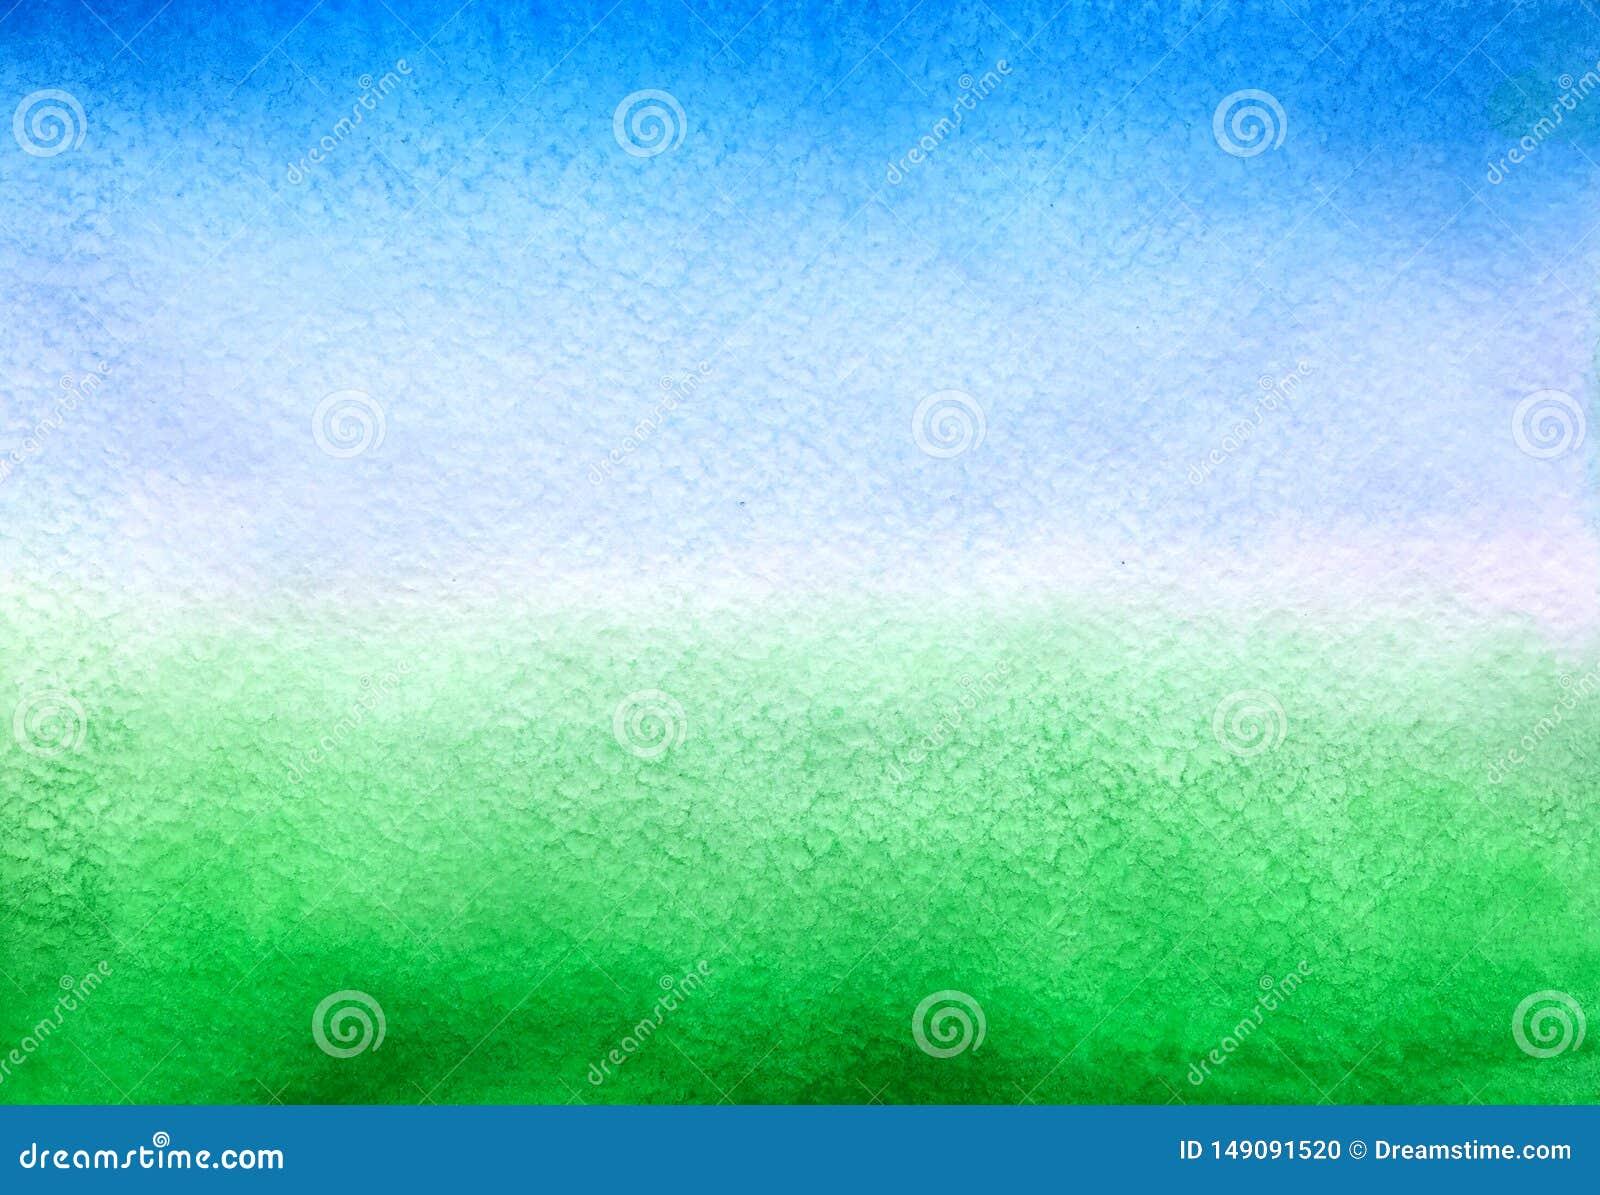 Небесно-голубая и зеленая предпосылка